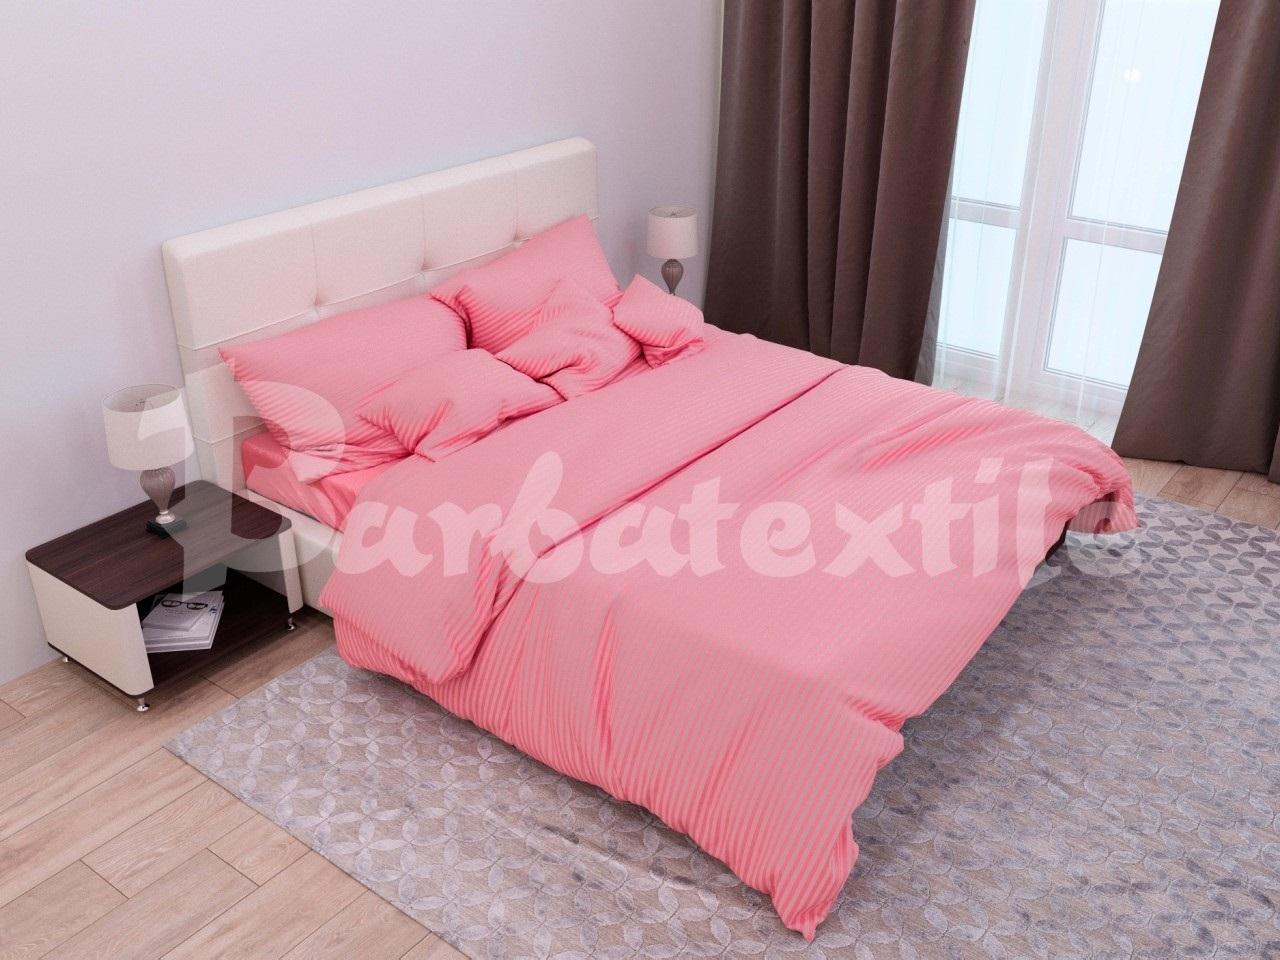 комплект постельного белья страйп-сатин ОСС-1640